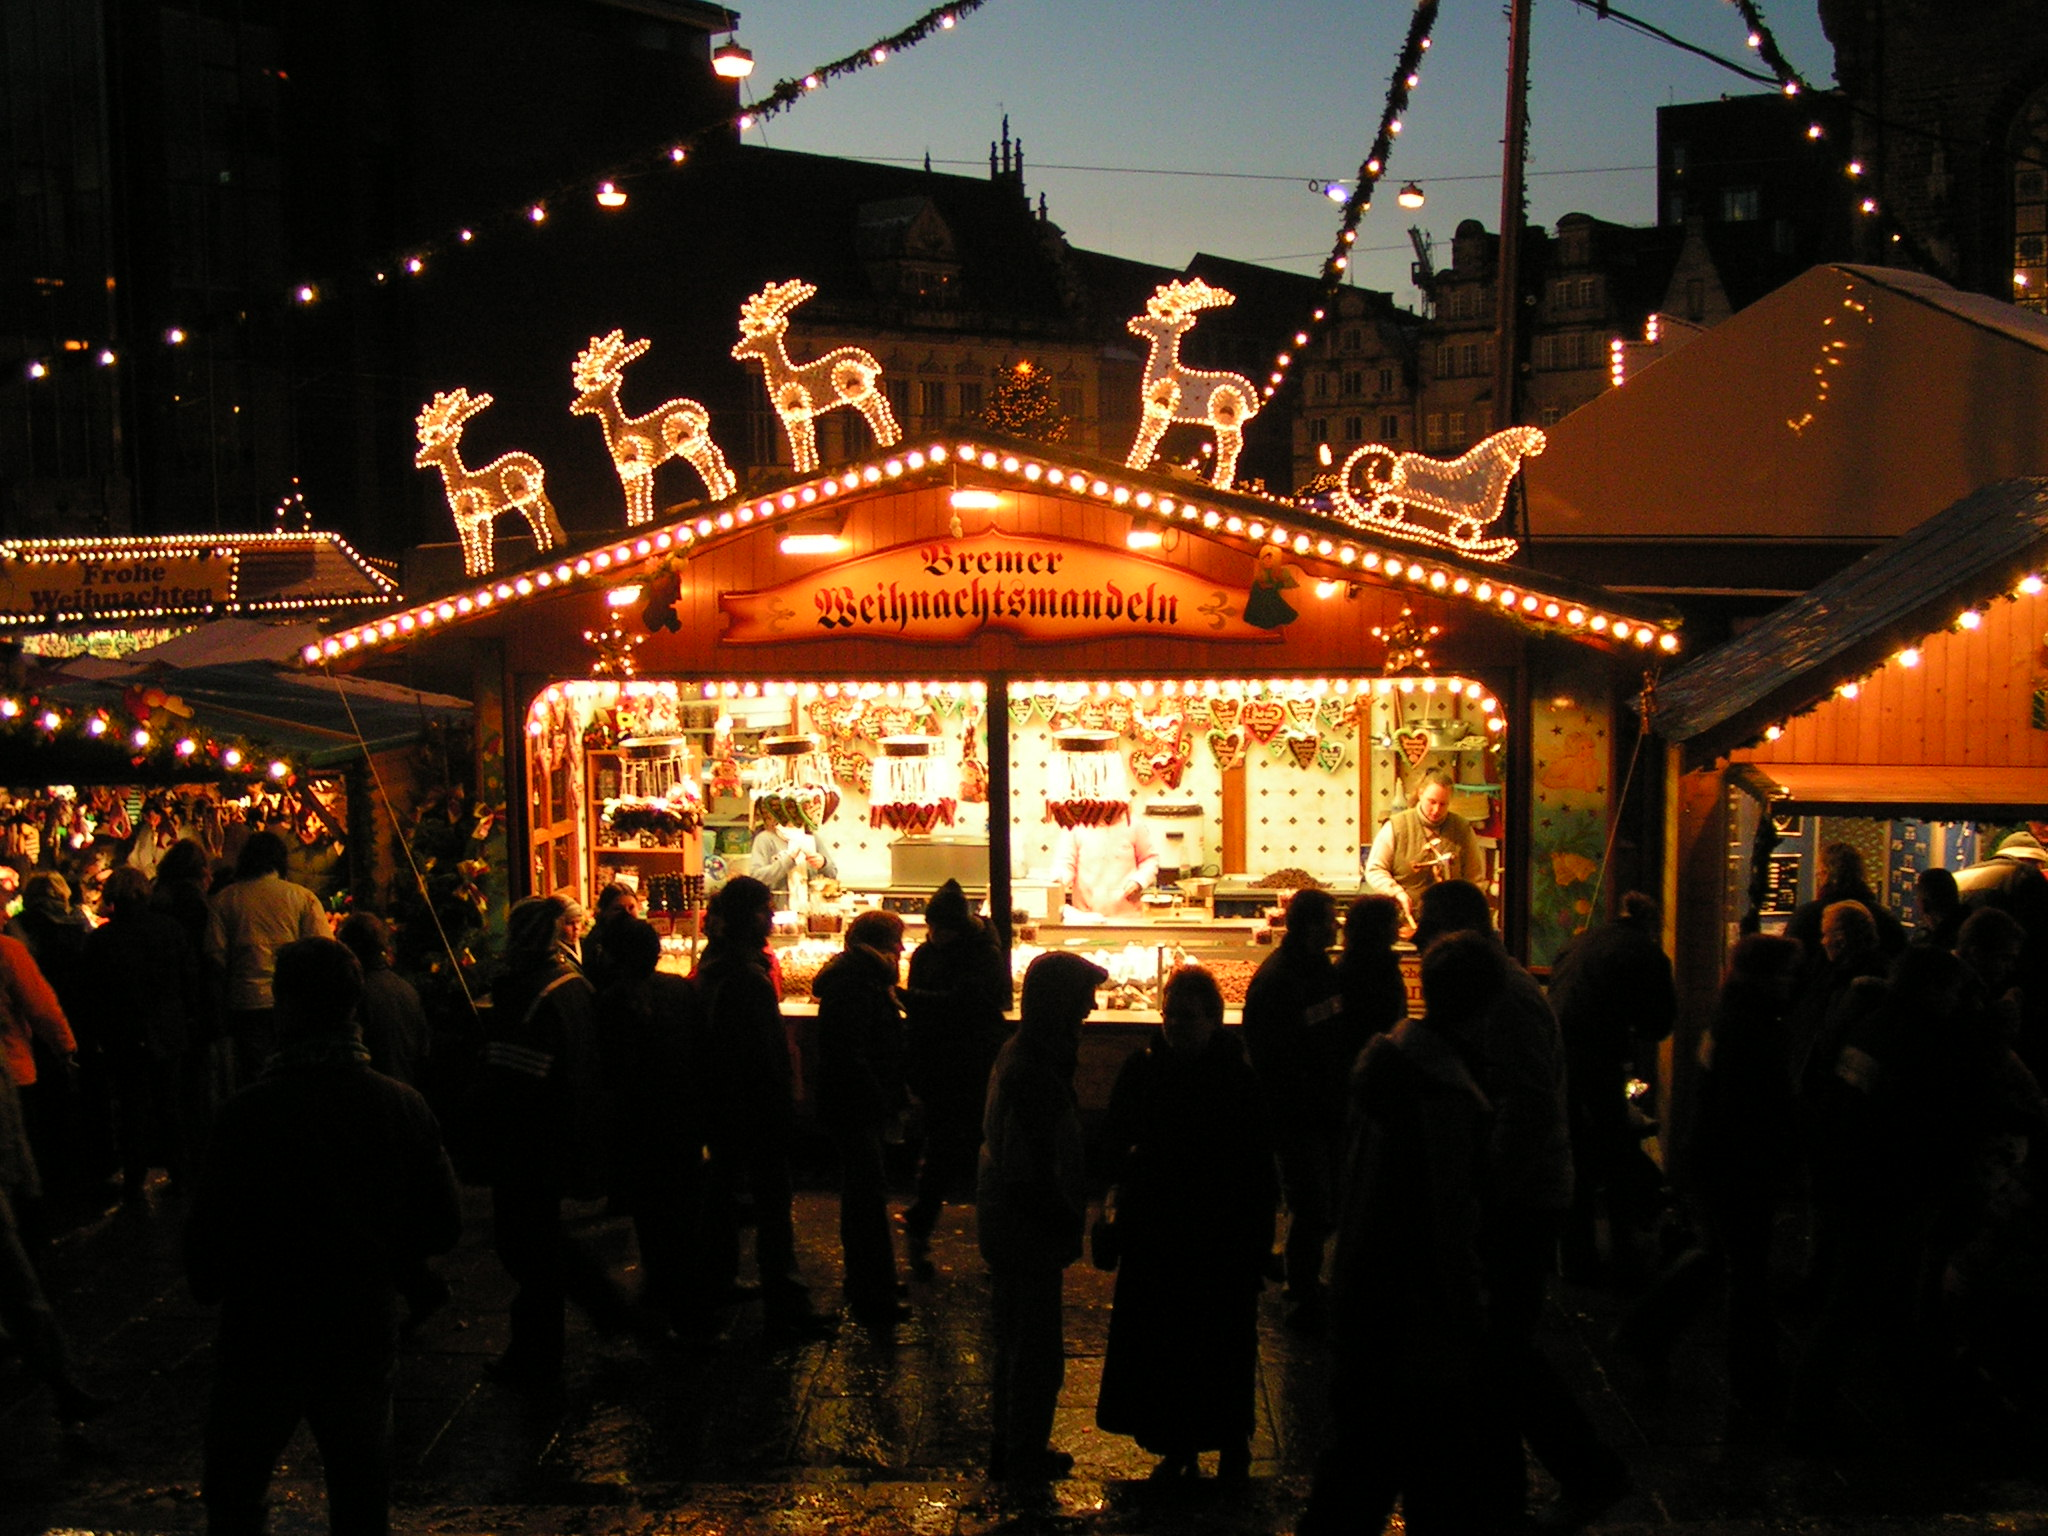 Bremen Weihnachtsmarkt.File Bremen Weihnachtsmarkt 2 Jpg Wikimedia Commons